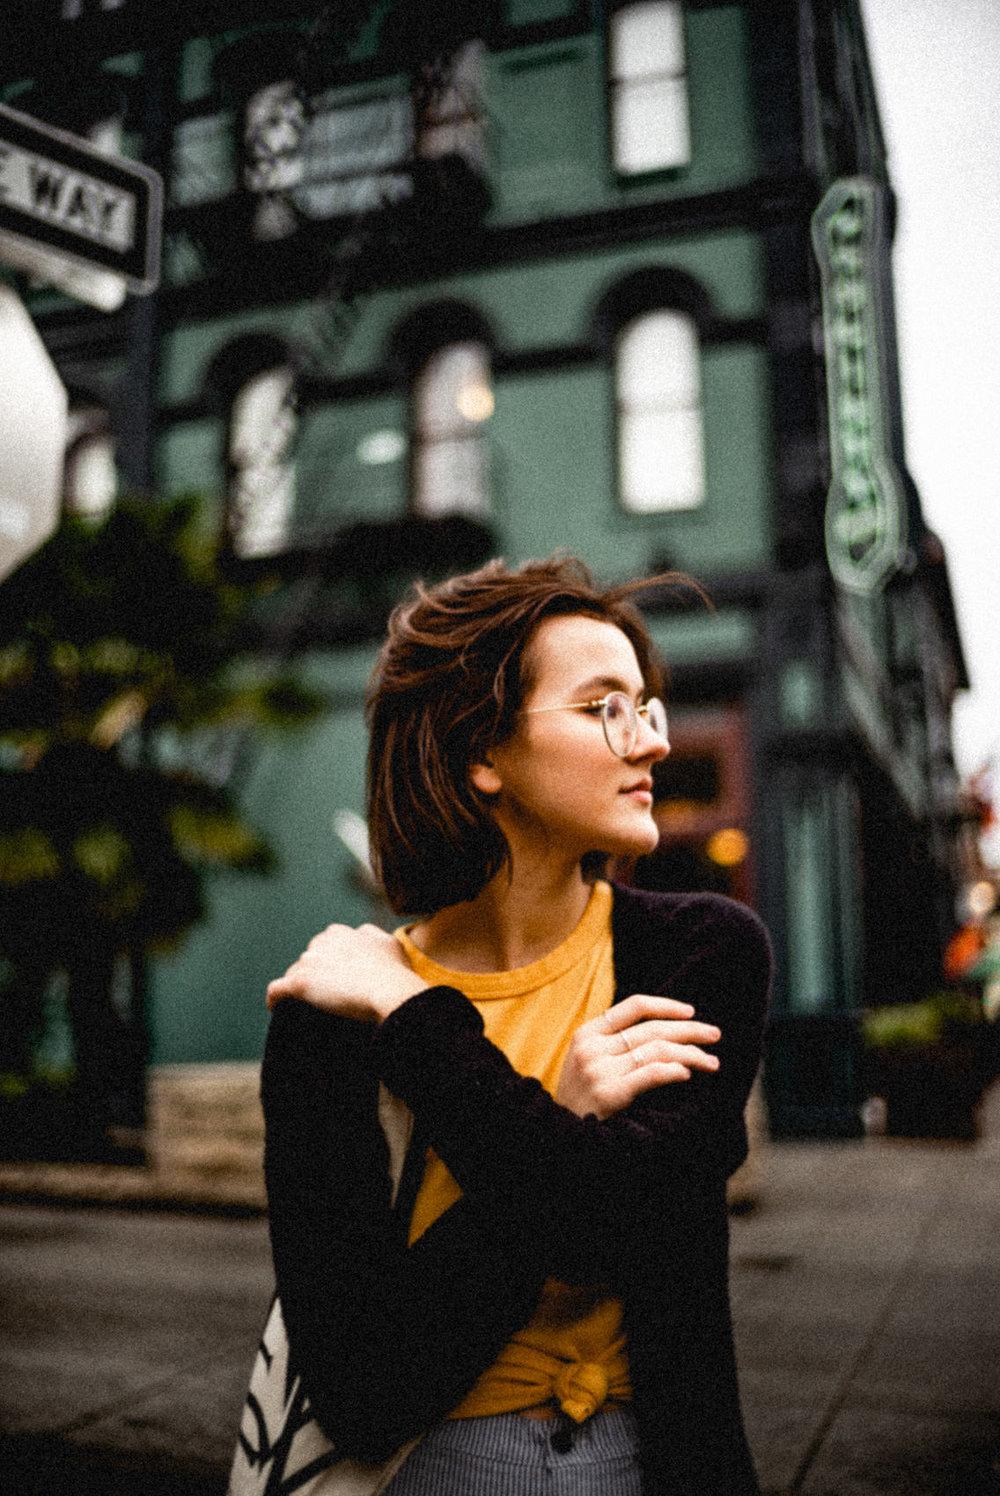 Voigtlander 35mm f1.4 portrait sample